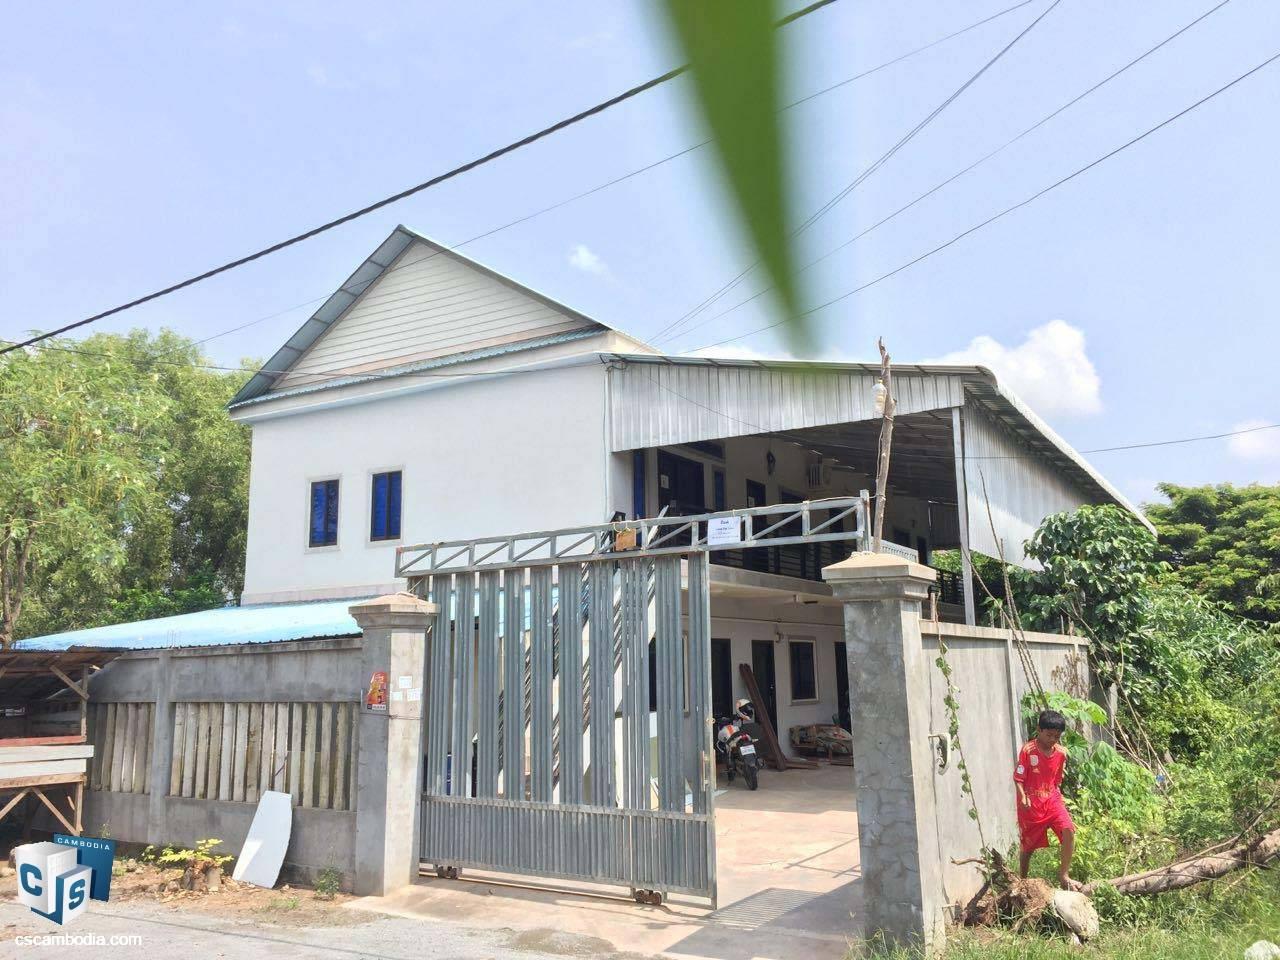 8 Bedroom House – For Sale- Sala Kanseng  Village – Svay Dangkom Commune – Siem Reap